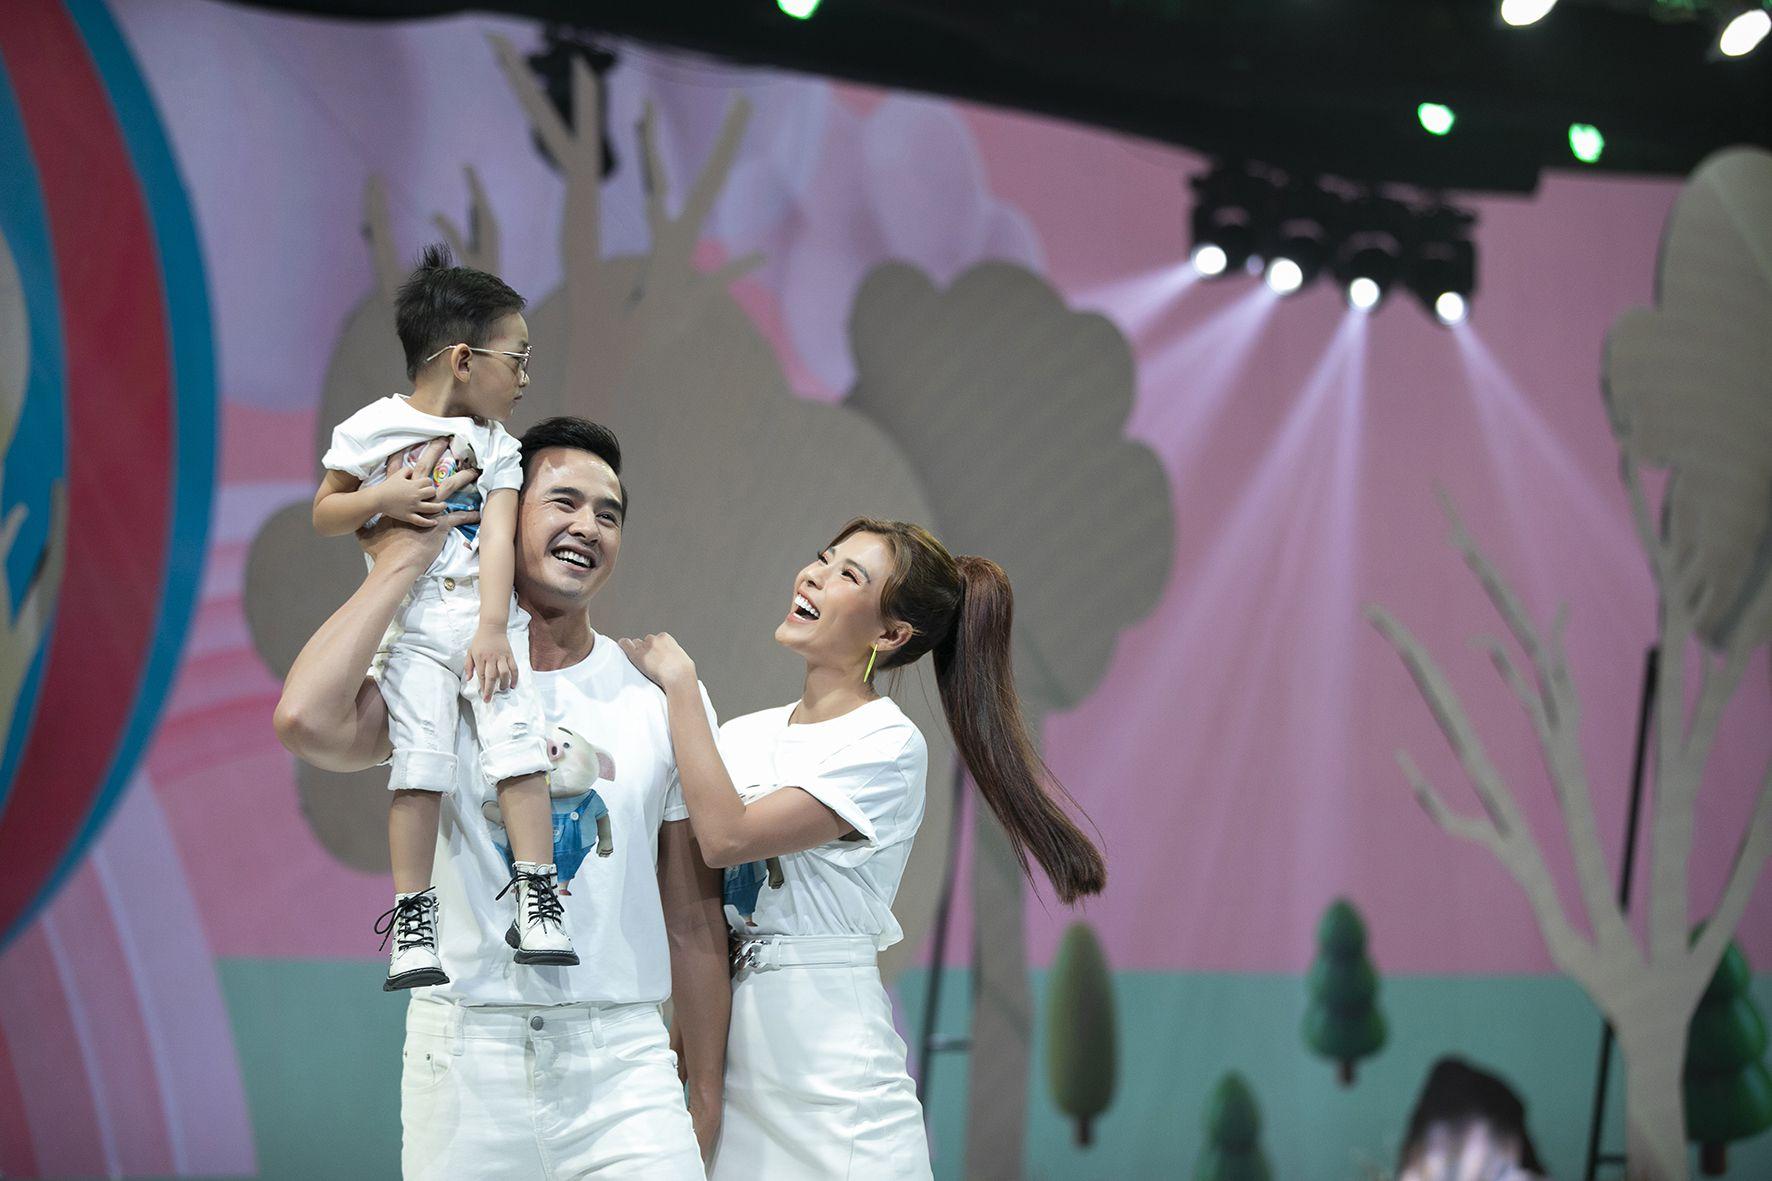 """Lần đầu tiên đưa """"quý tử"""" lên sàn catwalk, vợ chồng Lương Thế Thành - Trúc Diễm khép lại Tuần lễ thời trang trẻ em 2020 - Ảnh 6."""